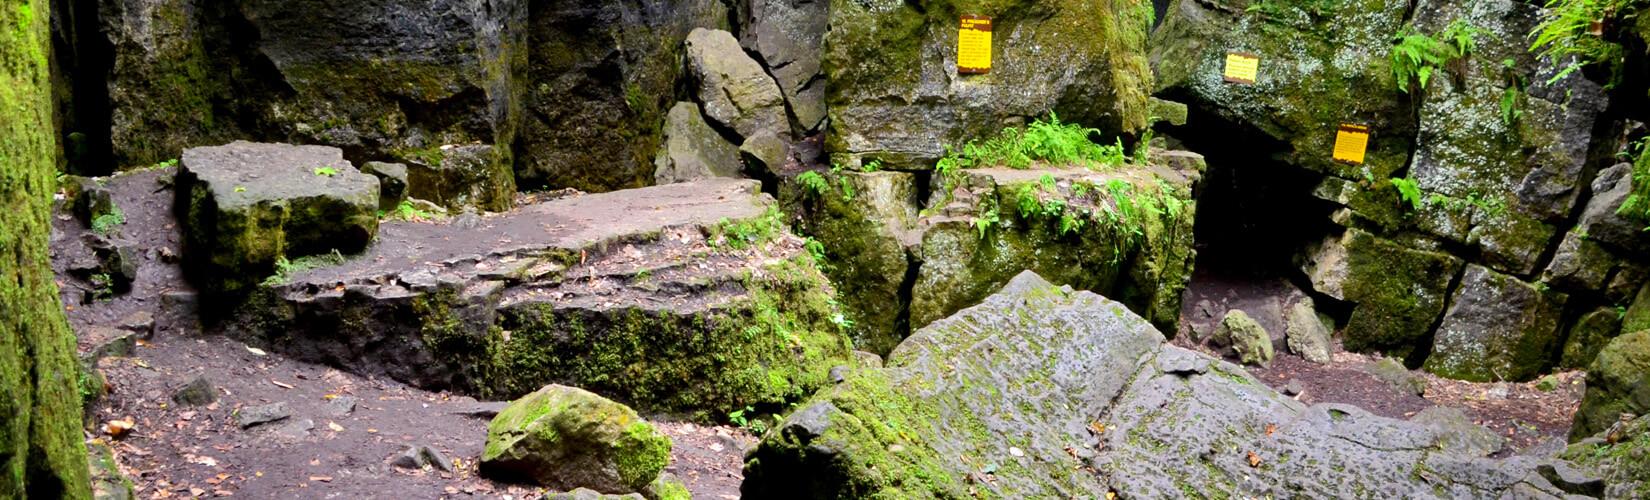 Scenic Caves Eco Adventure Tour: Treetops, Ziplines & More! :: I've Been Bit! Travel Blog